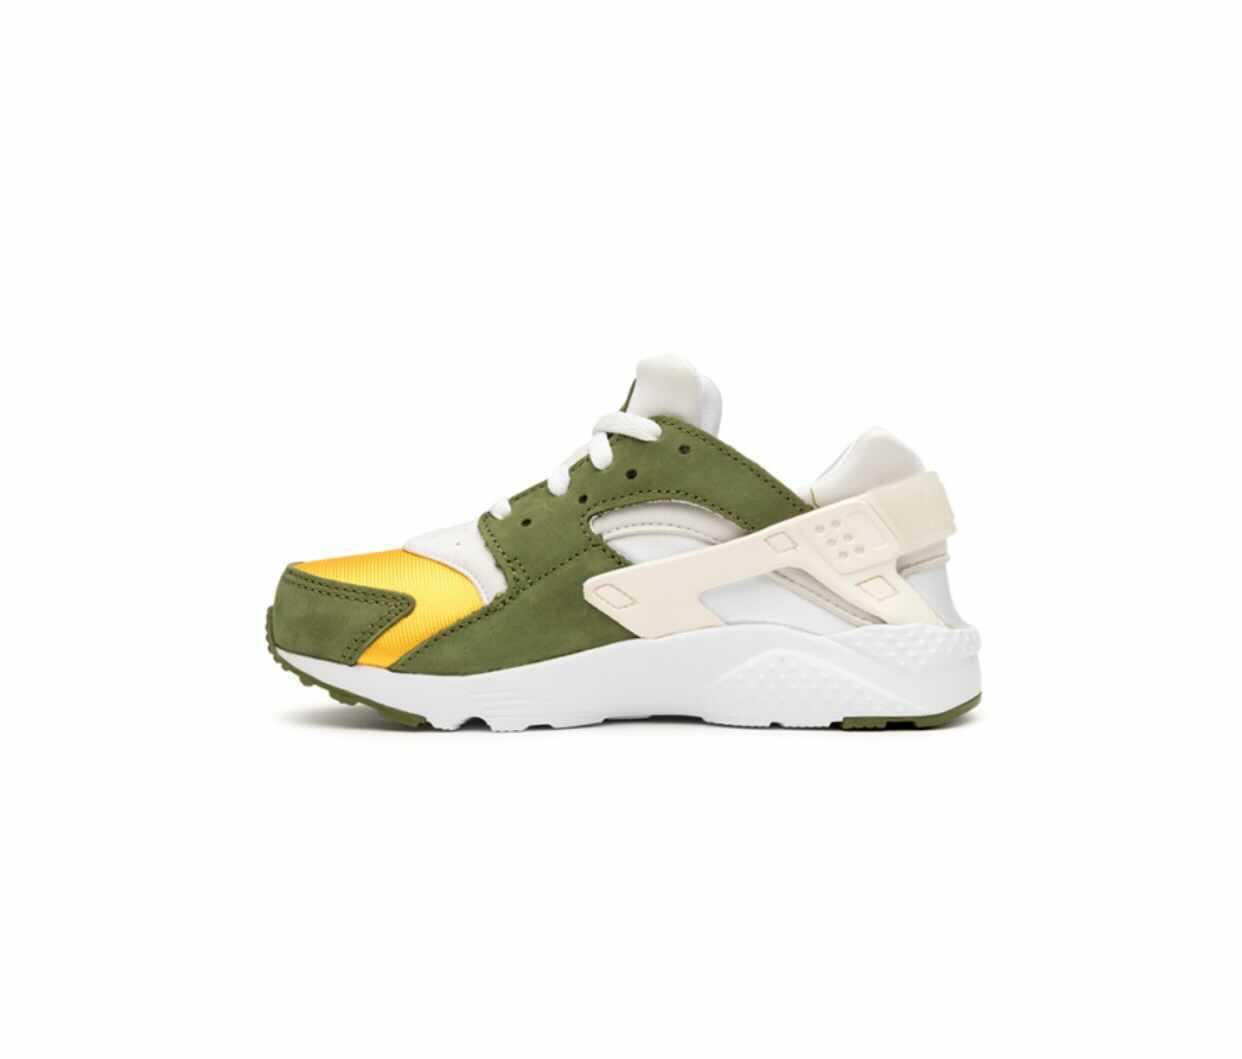 Stussy × Nike Air Huarache Olive ステューシー × ナイキ エア ハラチ オリーブ DARK OLIVE/VARSITY MAIZE-WHITE-PALE IVORY Code: DD1381-200 main PS